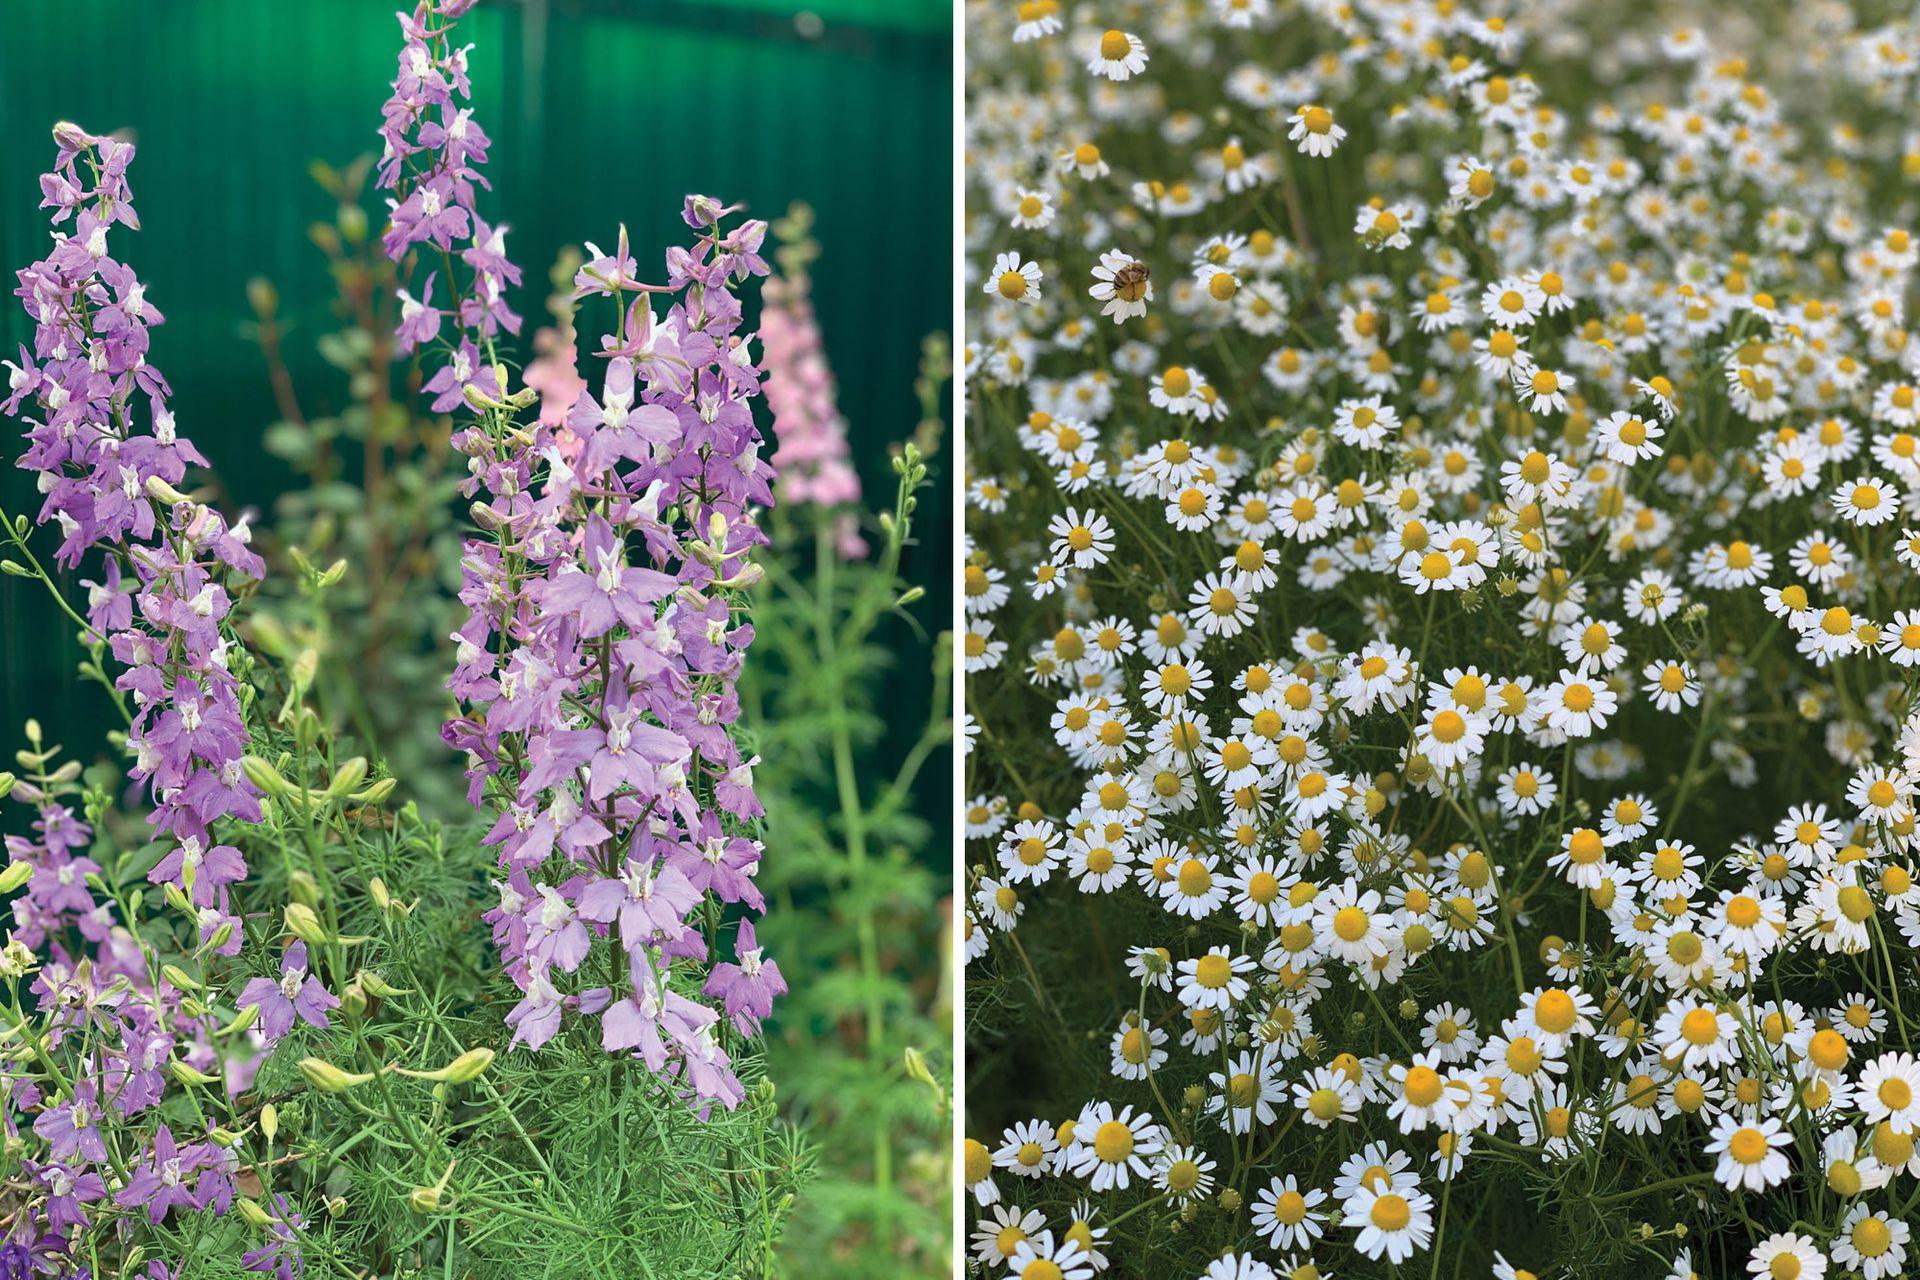 Dos especies de ciclo OIP, que se siembran en otoño y florecen en primavera. Consolida ajacis o espuela de caballero (izquierda) y Matricaria chamomilla o manzanilla (derecha).